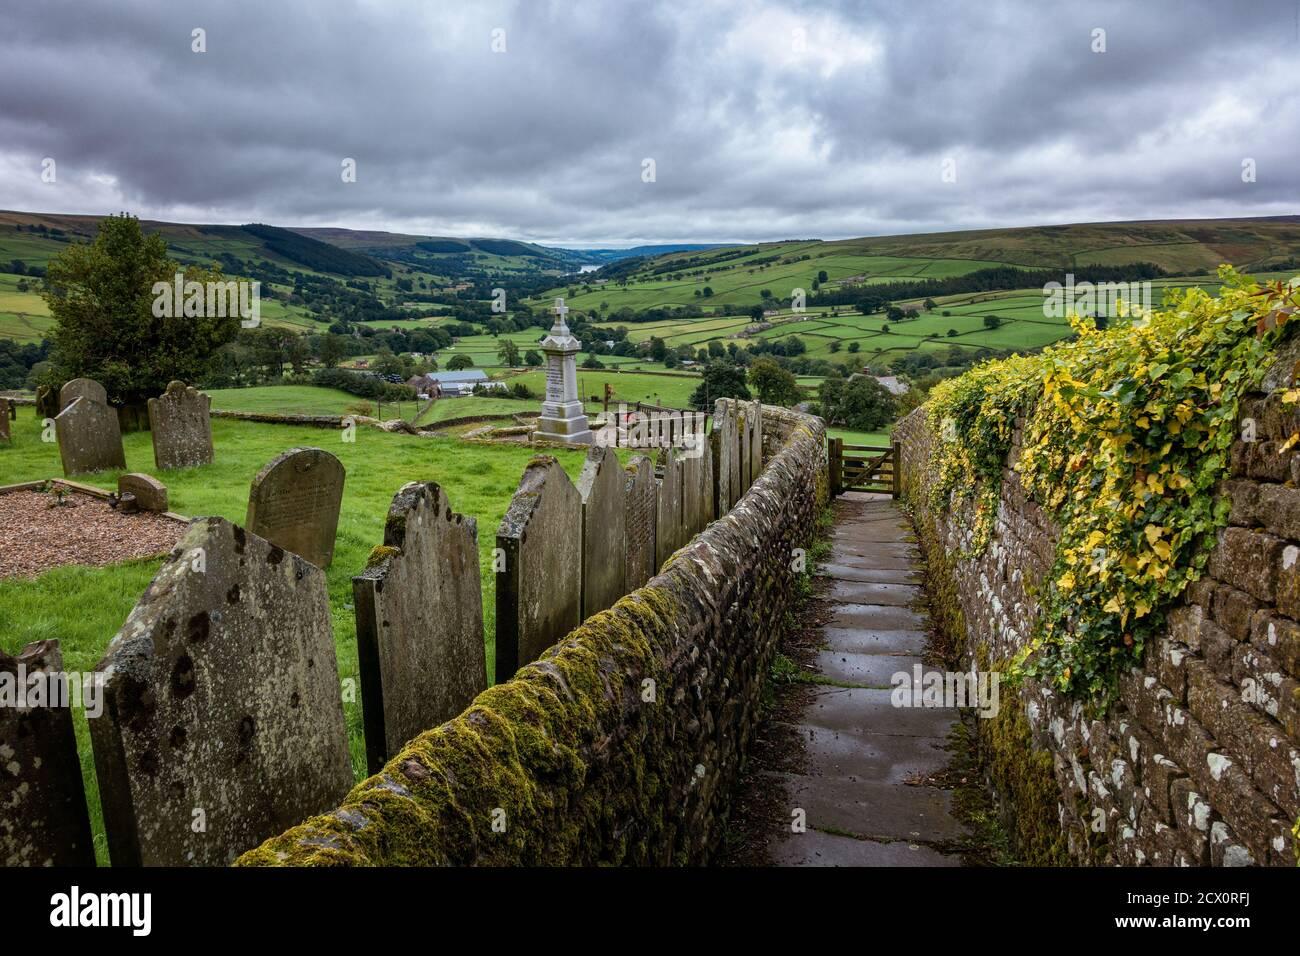 Vea una pared de piedra seca y el camino desde Middlesmoor junto al cementerio a través de Nidderdale hacia Pateley Bridge, North Yorkshire, Reino Unido Foto de stock